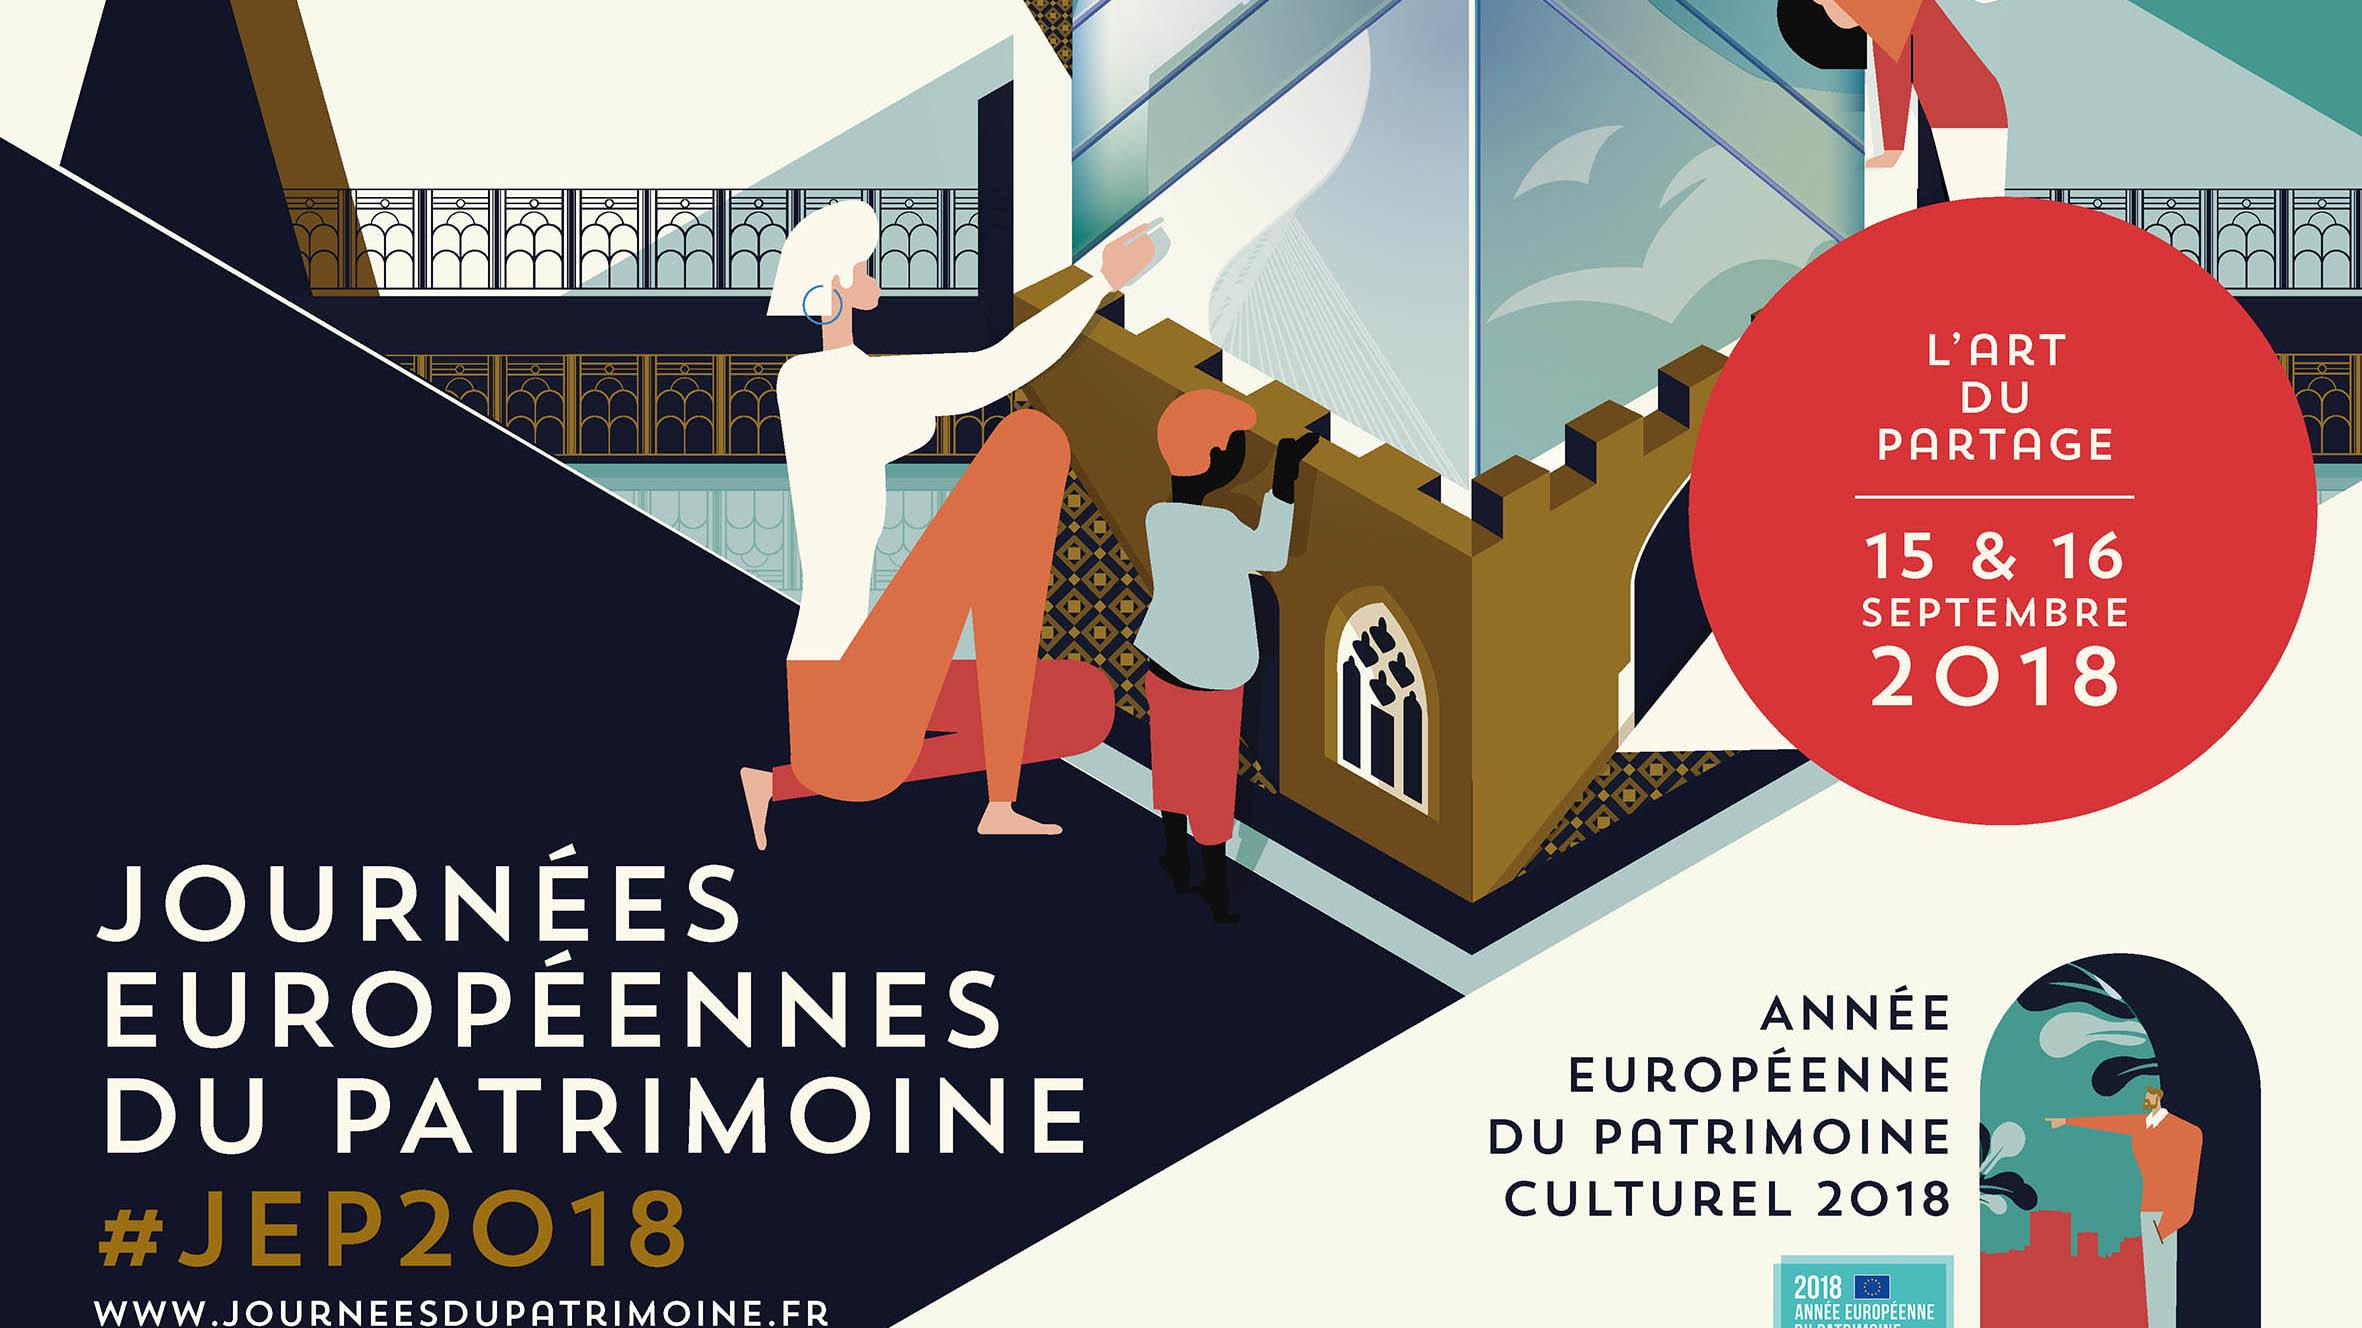 Les Journées du Patrimoine 2018 ou l'art du partage